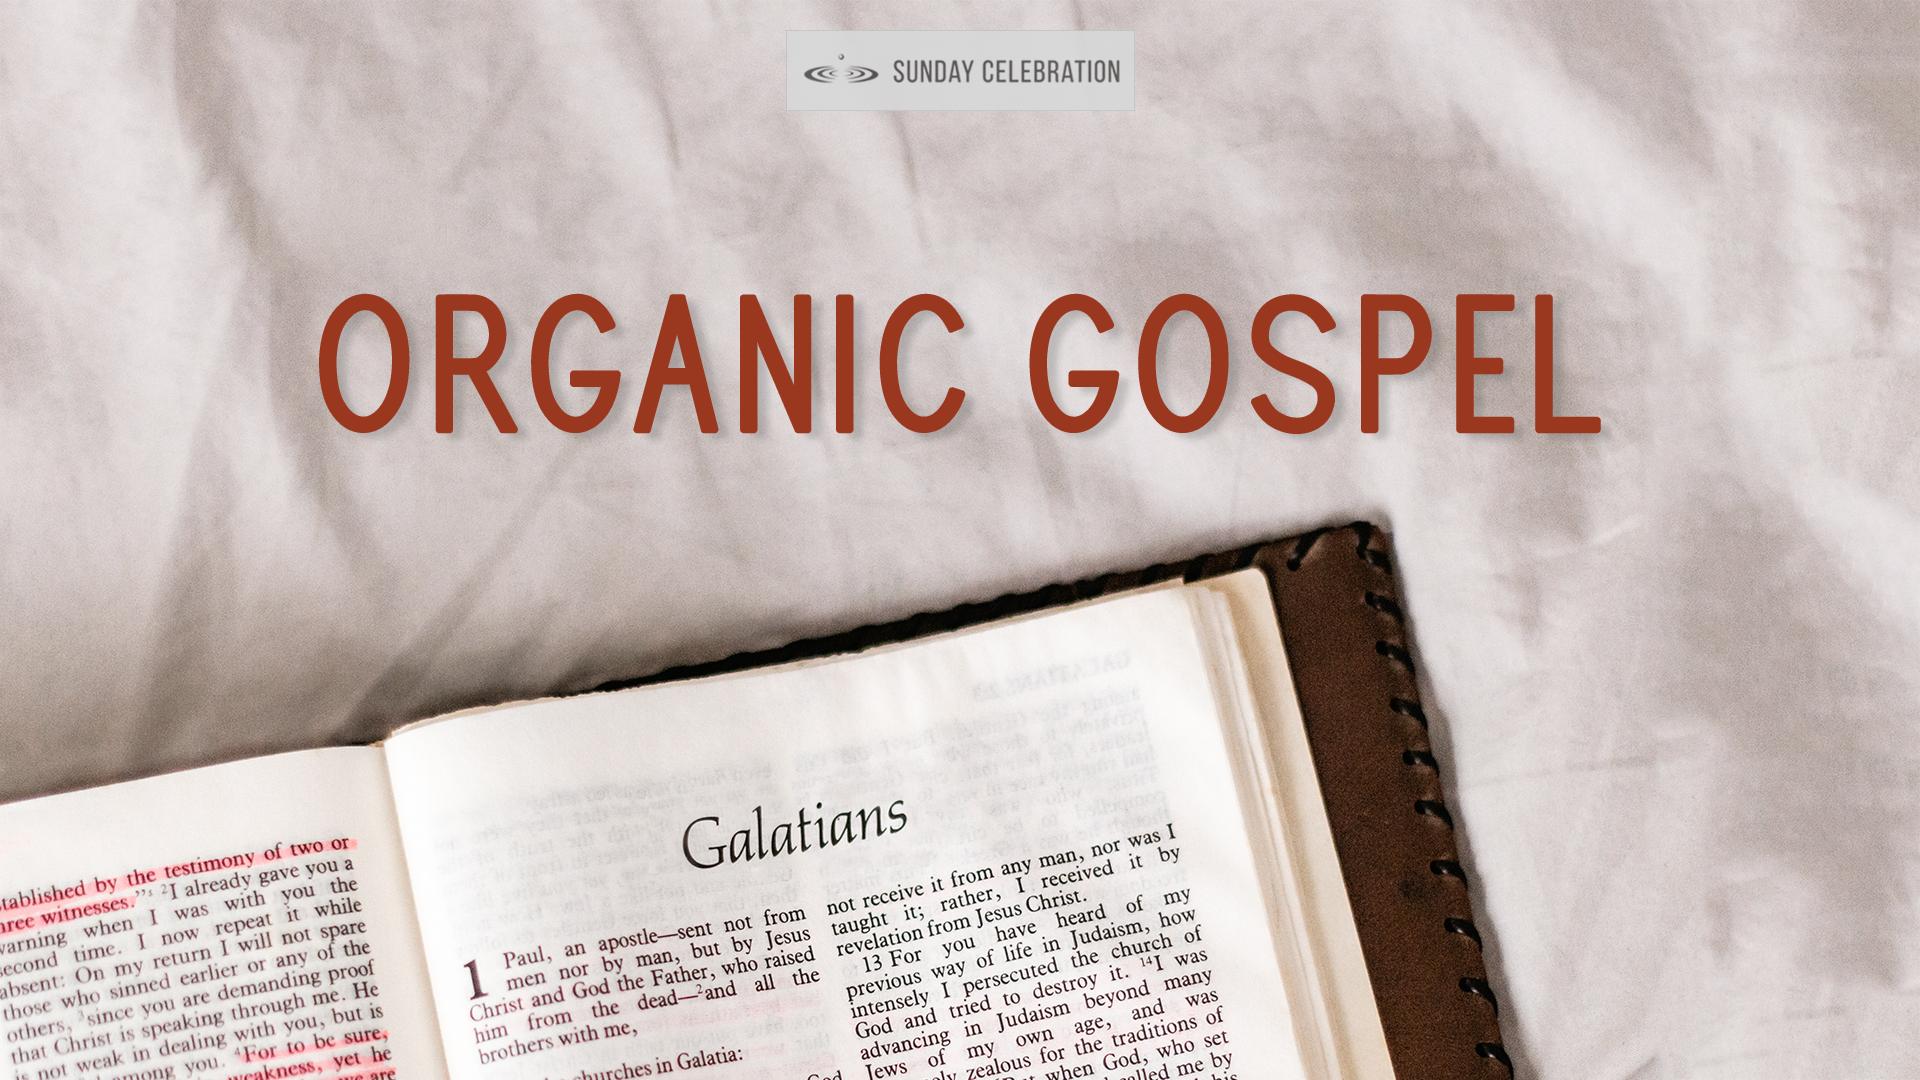 Part 2: Gospel Impact